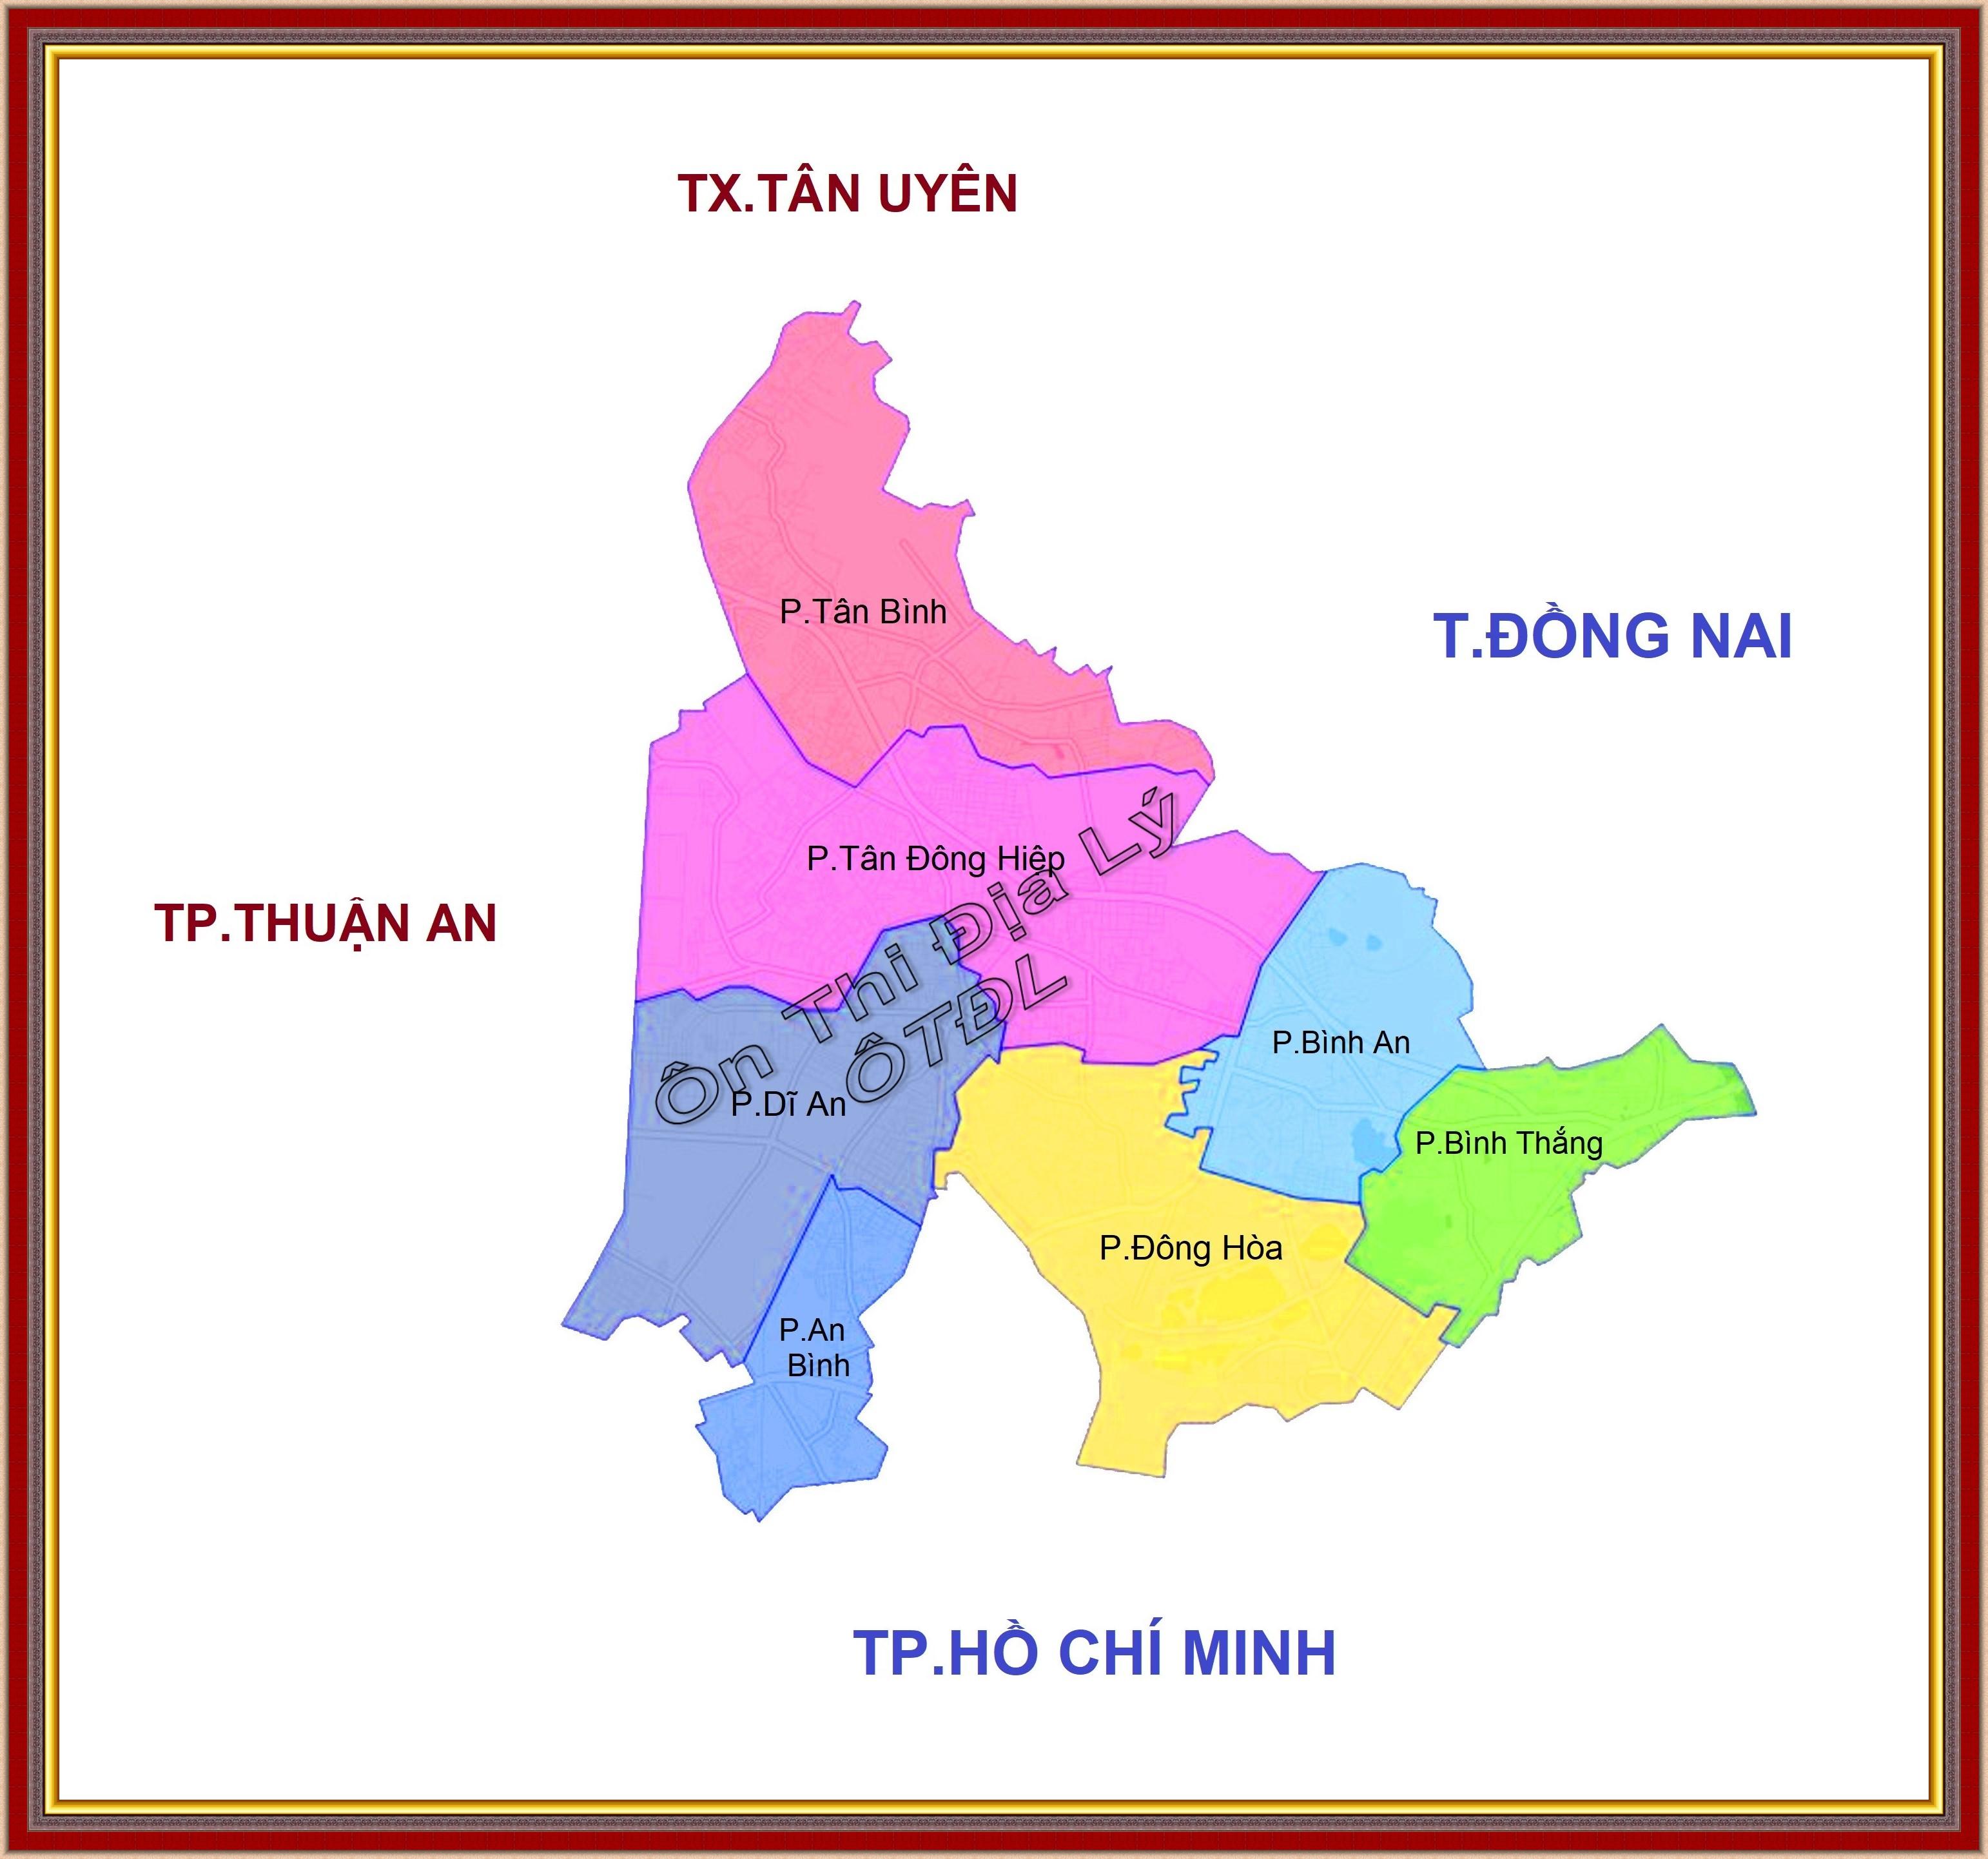 TP.Di An - Binh Duong 5